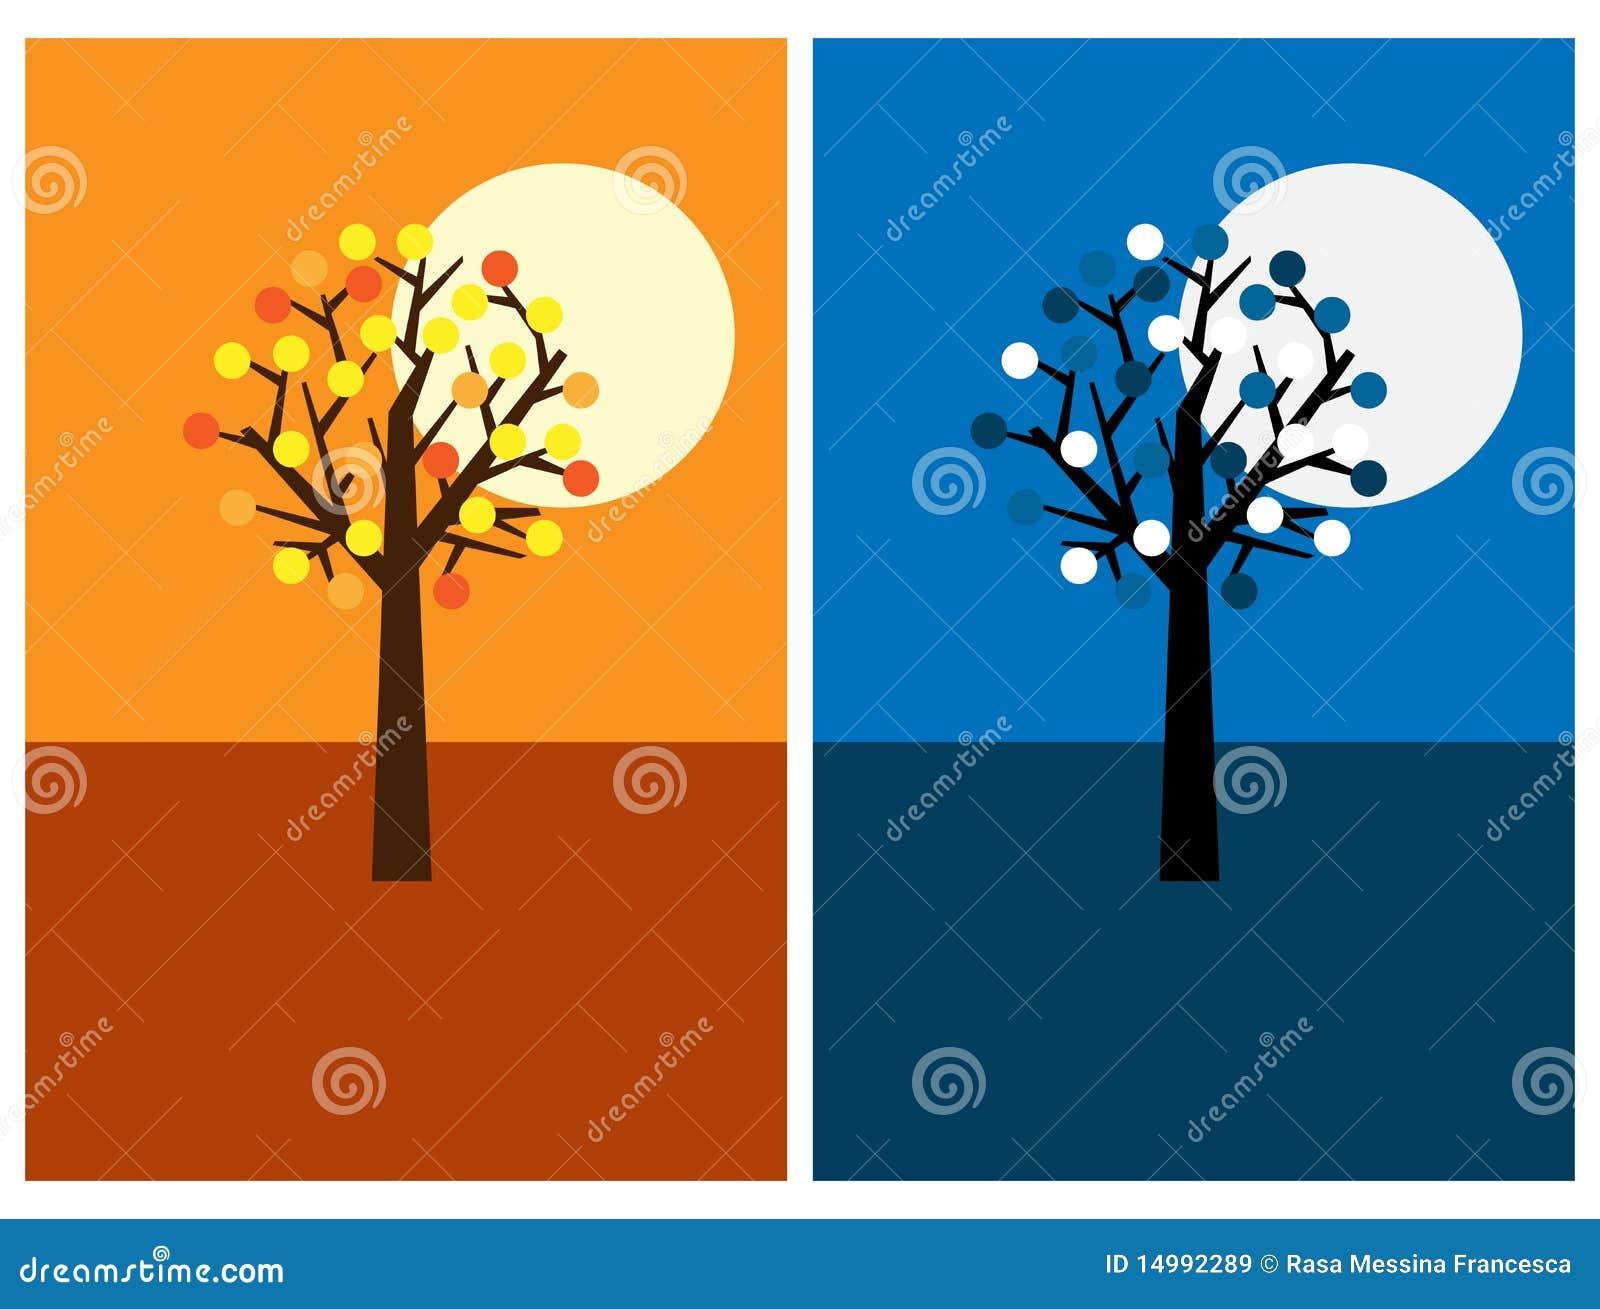 Stock afbeeldingen: de kaarten van de groet met boom, nacht en dag